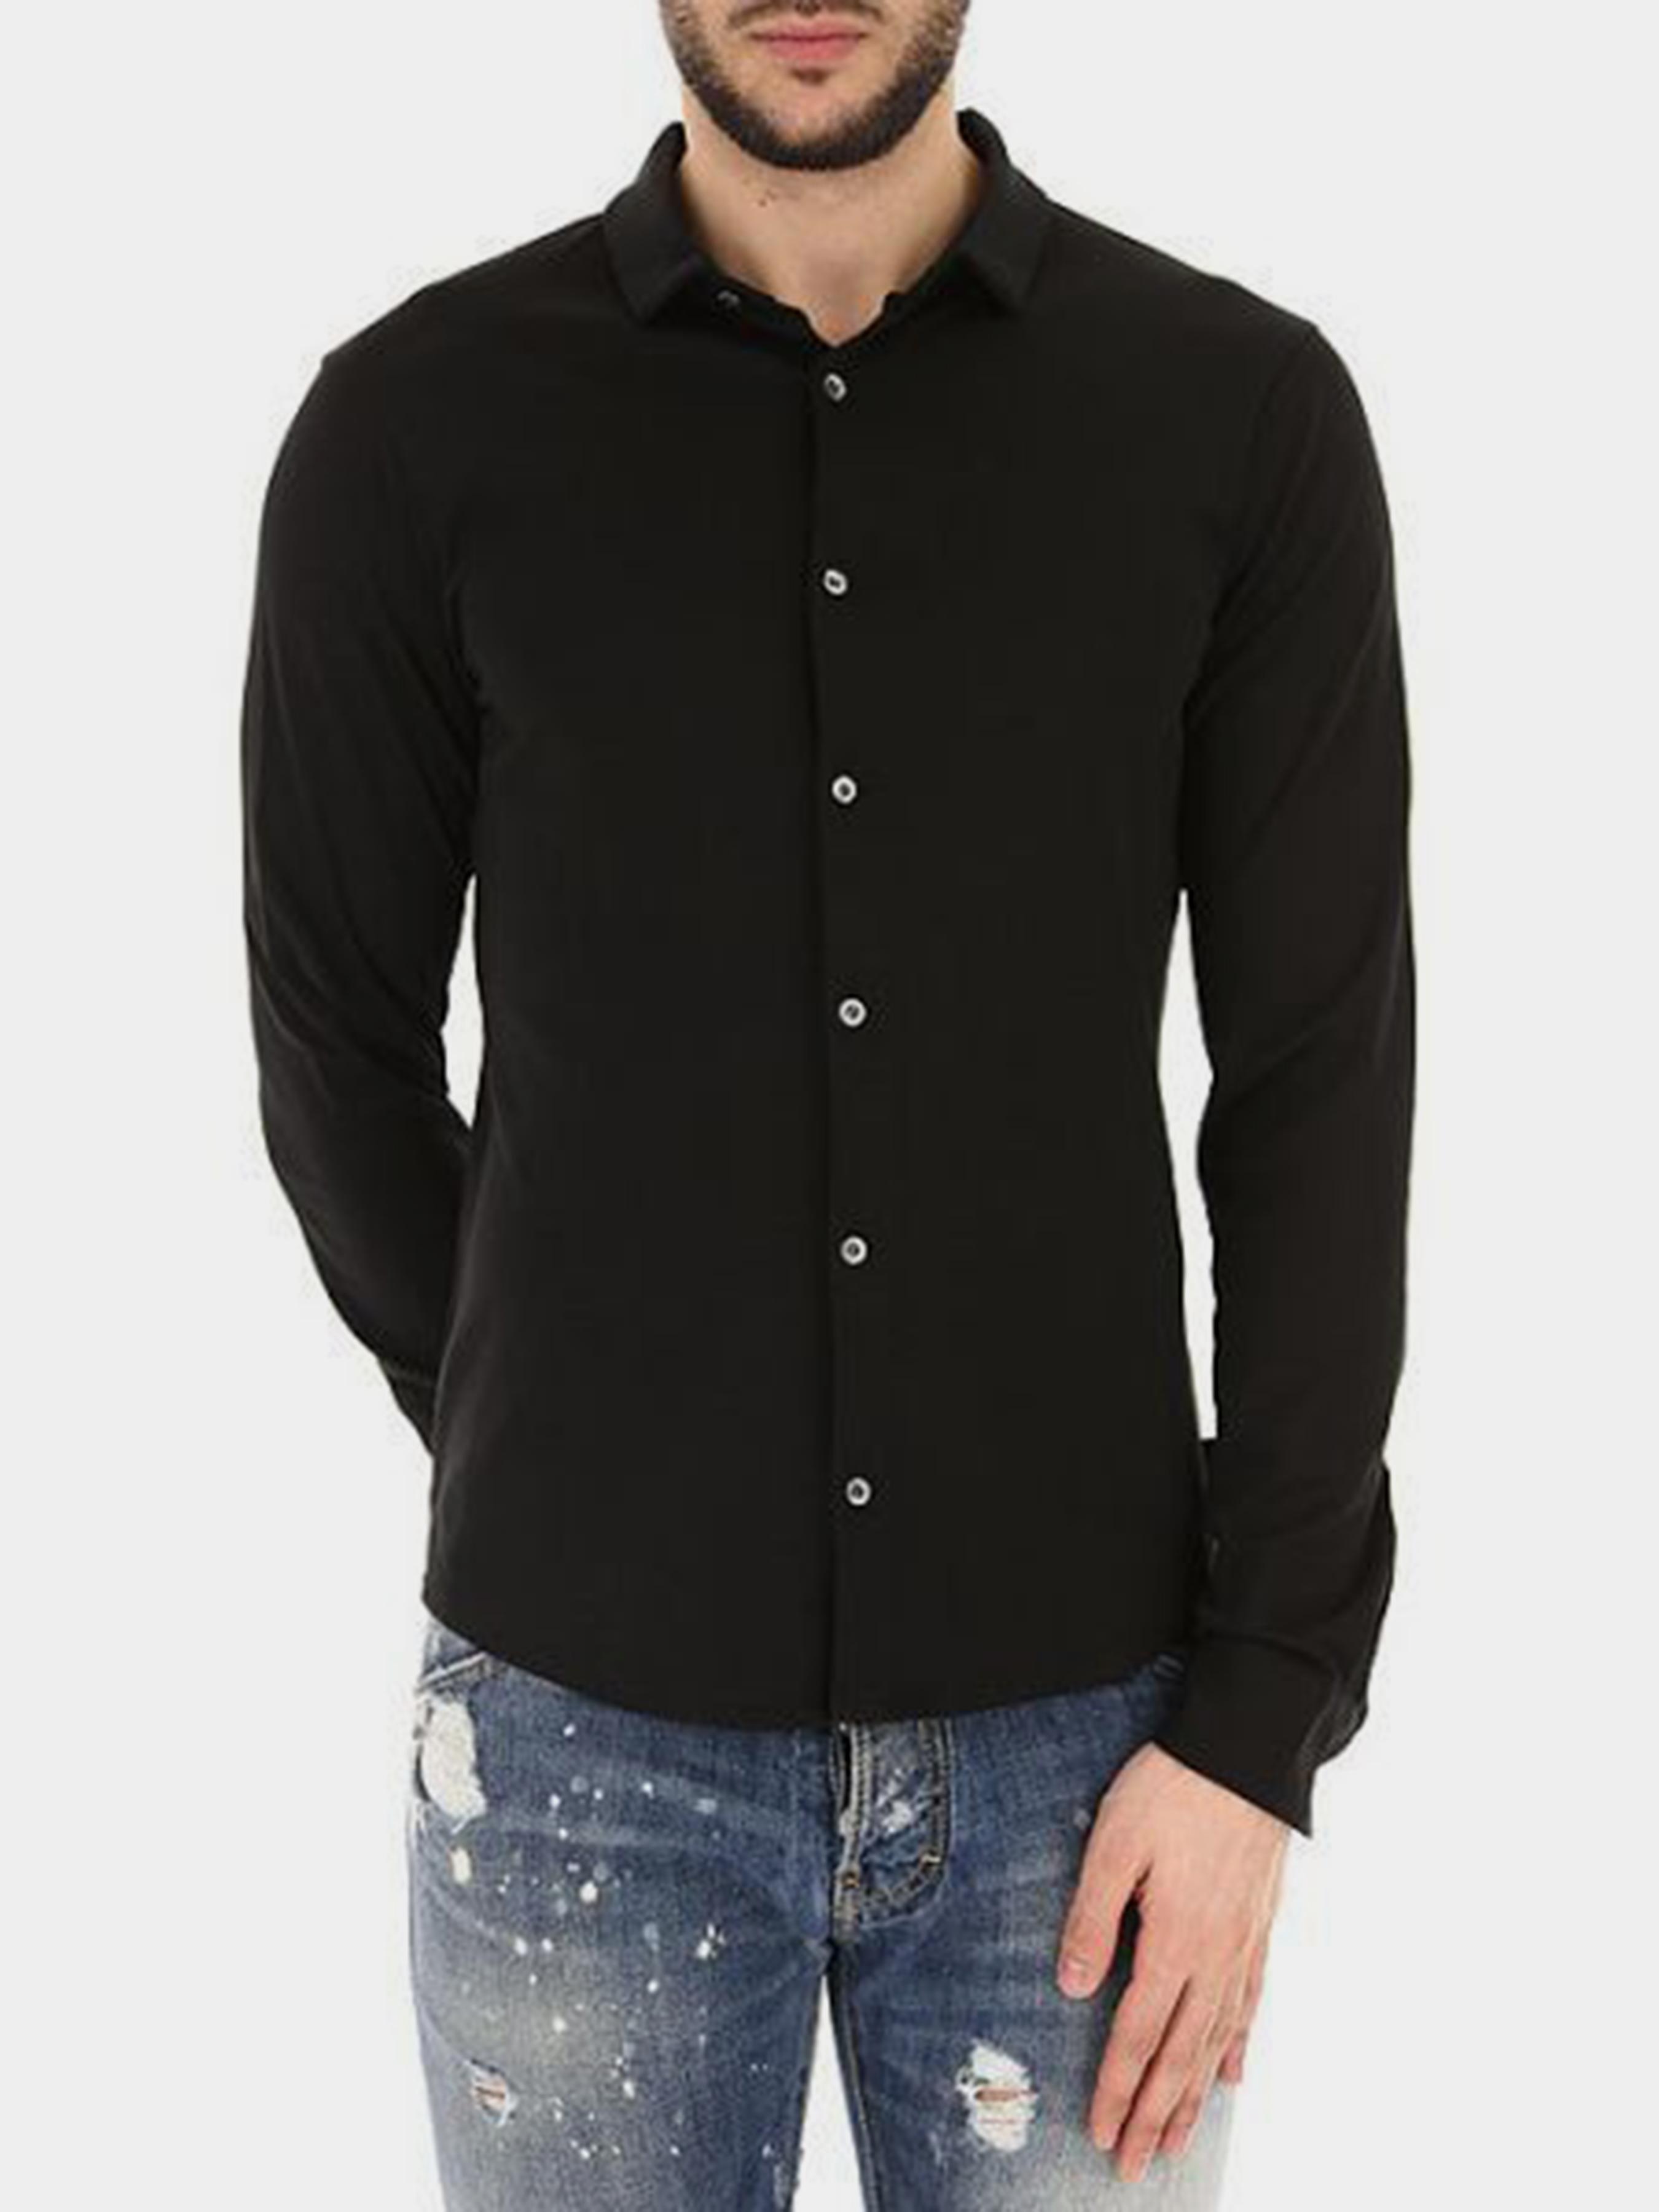 Рубашка с длинным рукавом мужские Emporio Armani MAN JERSEY SHIRT 5O77 цена, 2017